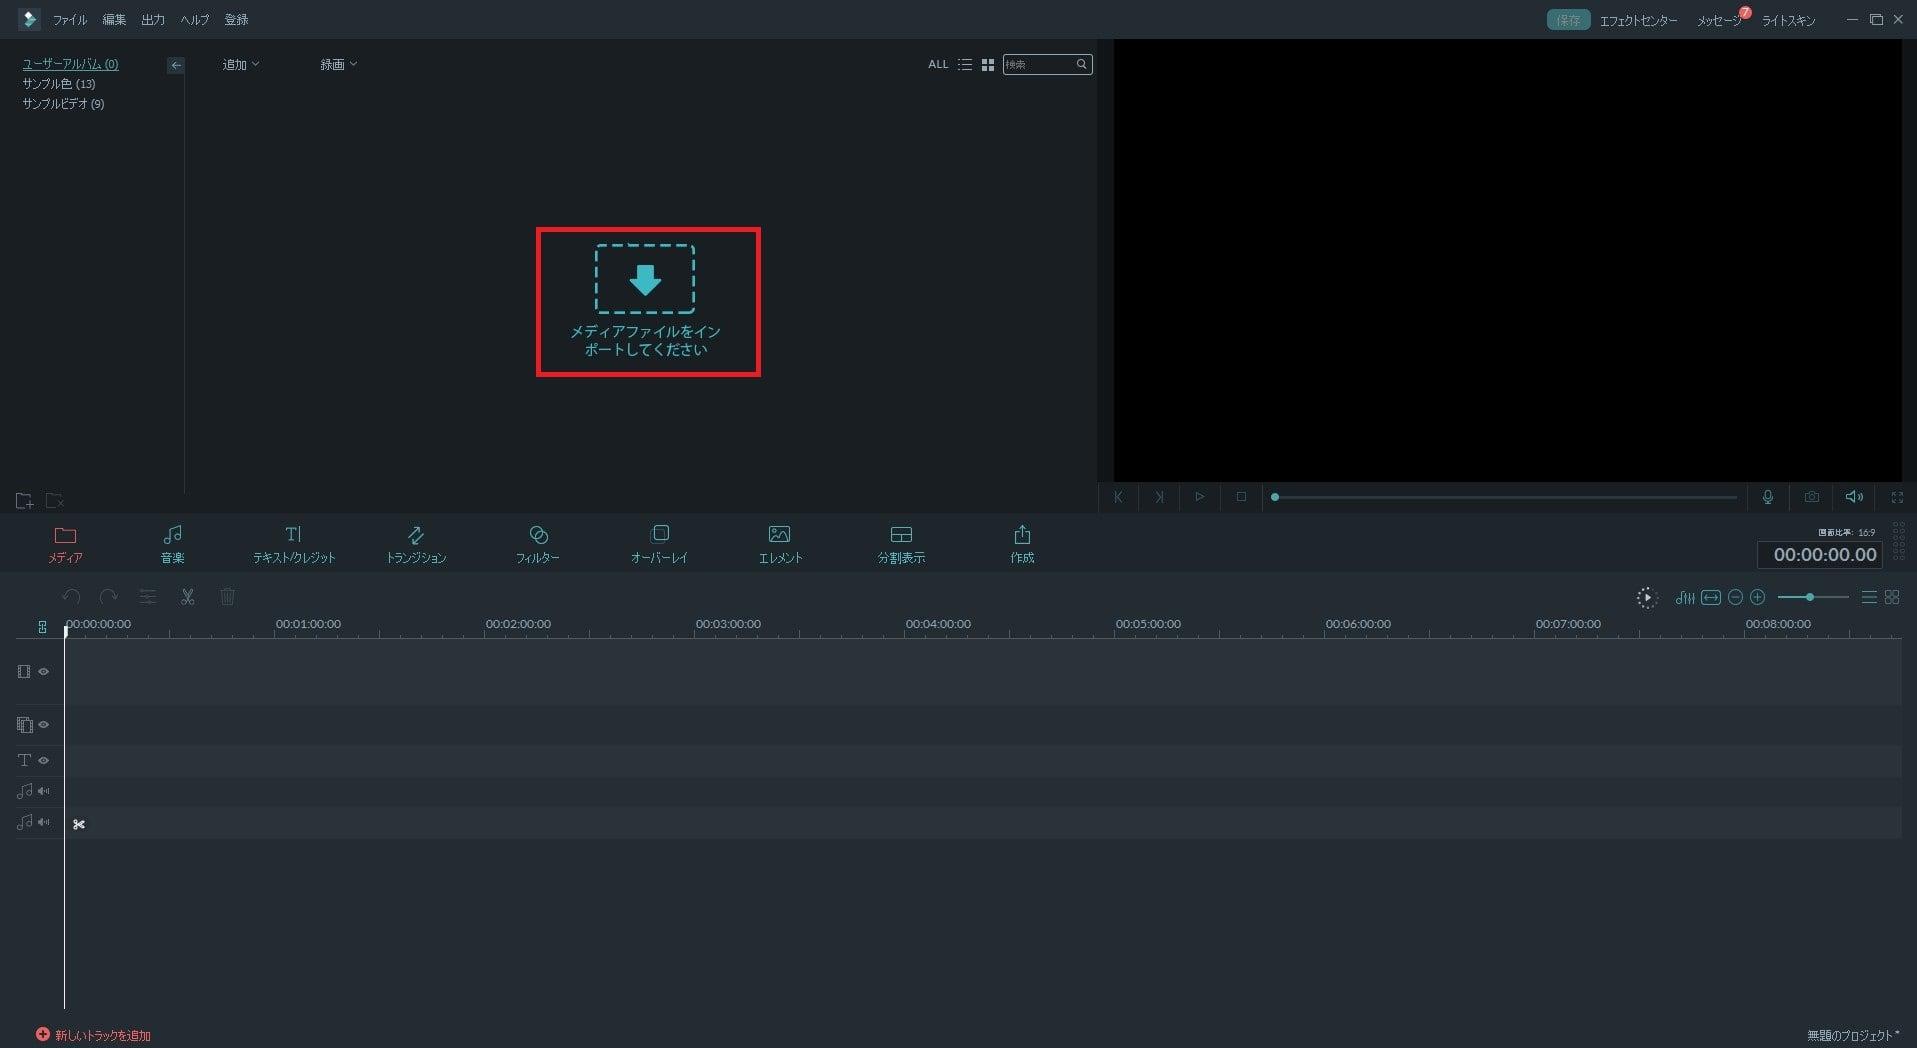 動画編集ソフト Filmora(フィモーラ) メディアファイルをインポート